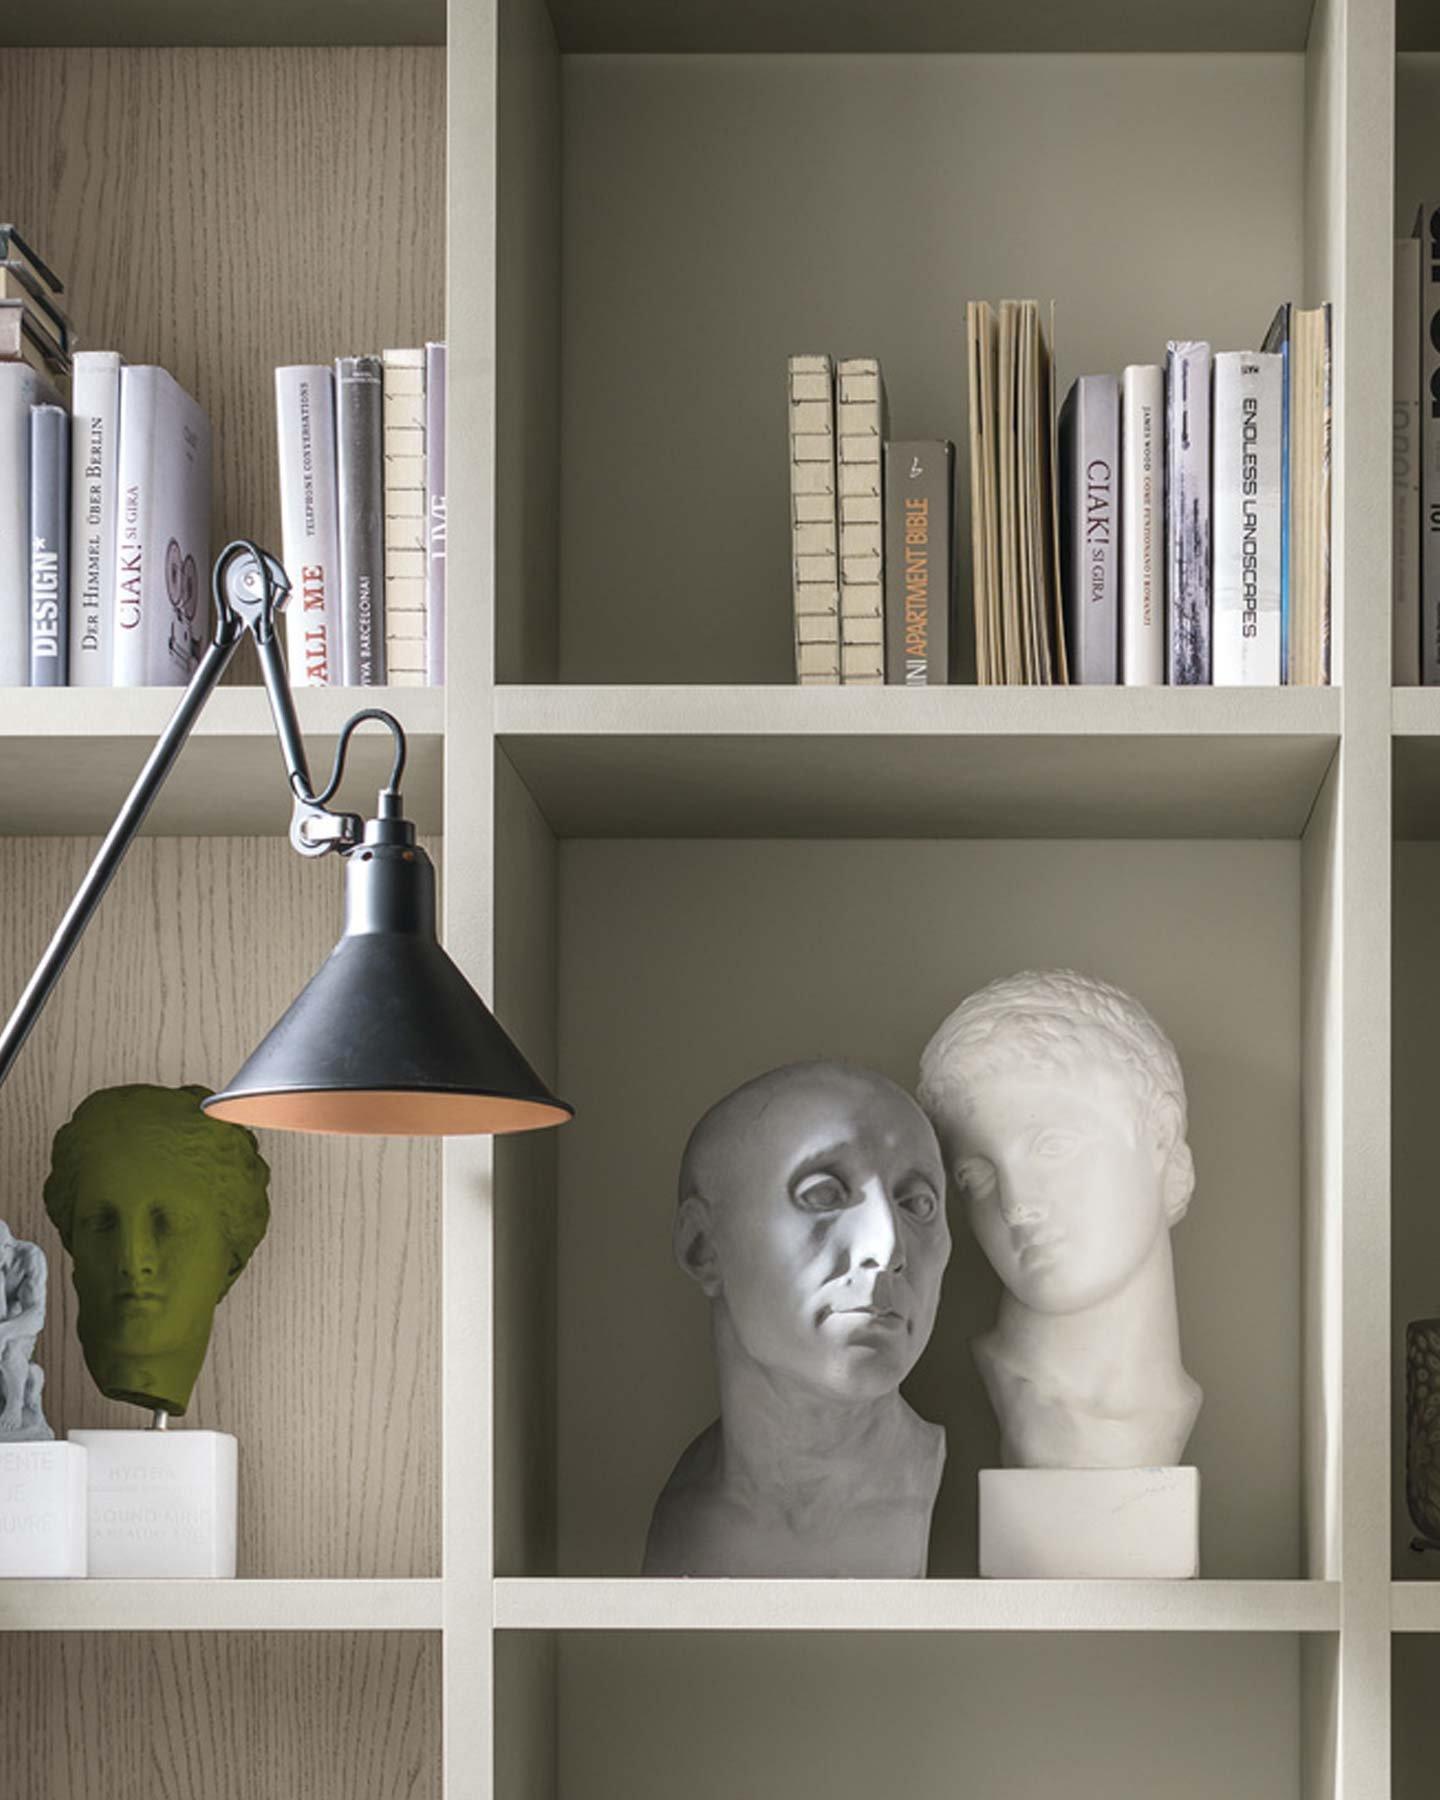 Libreria Bookcase from Tomasella